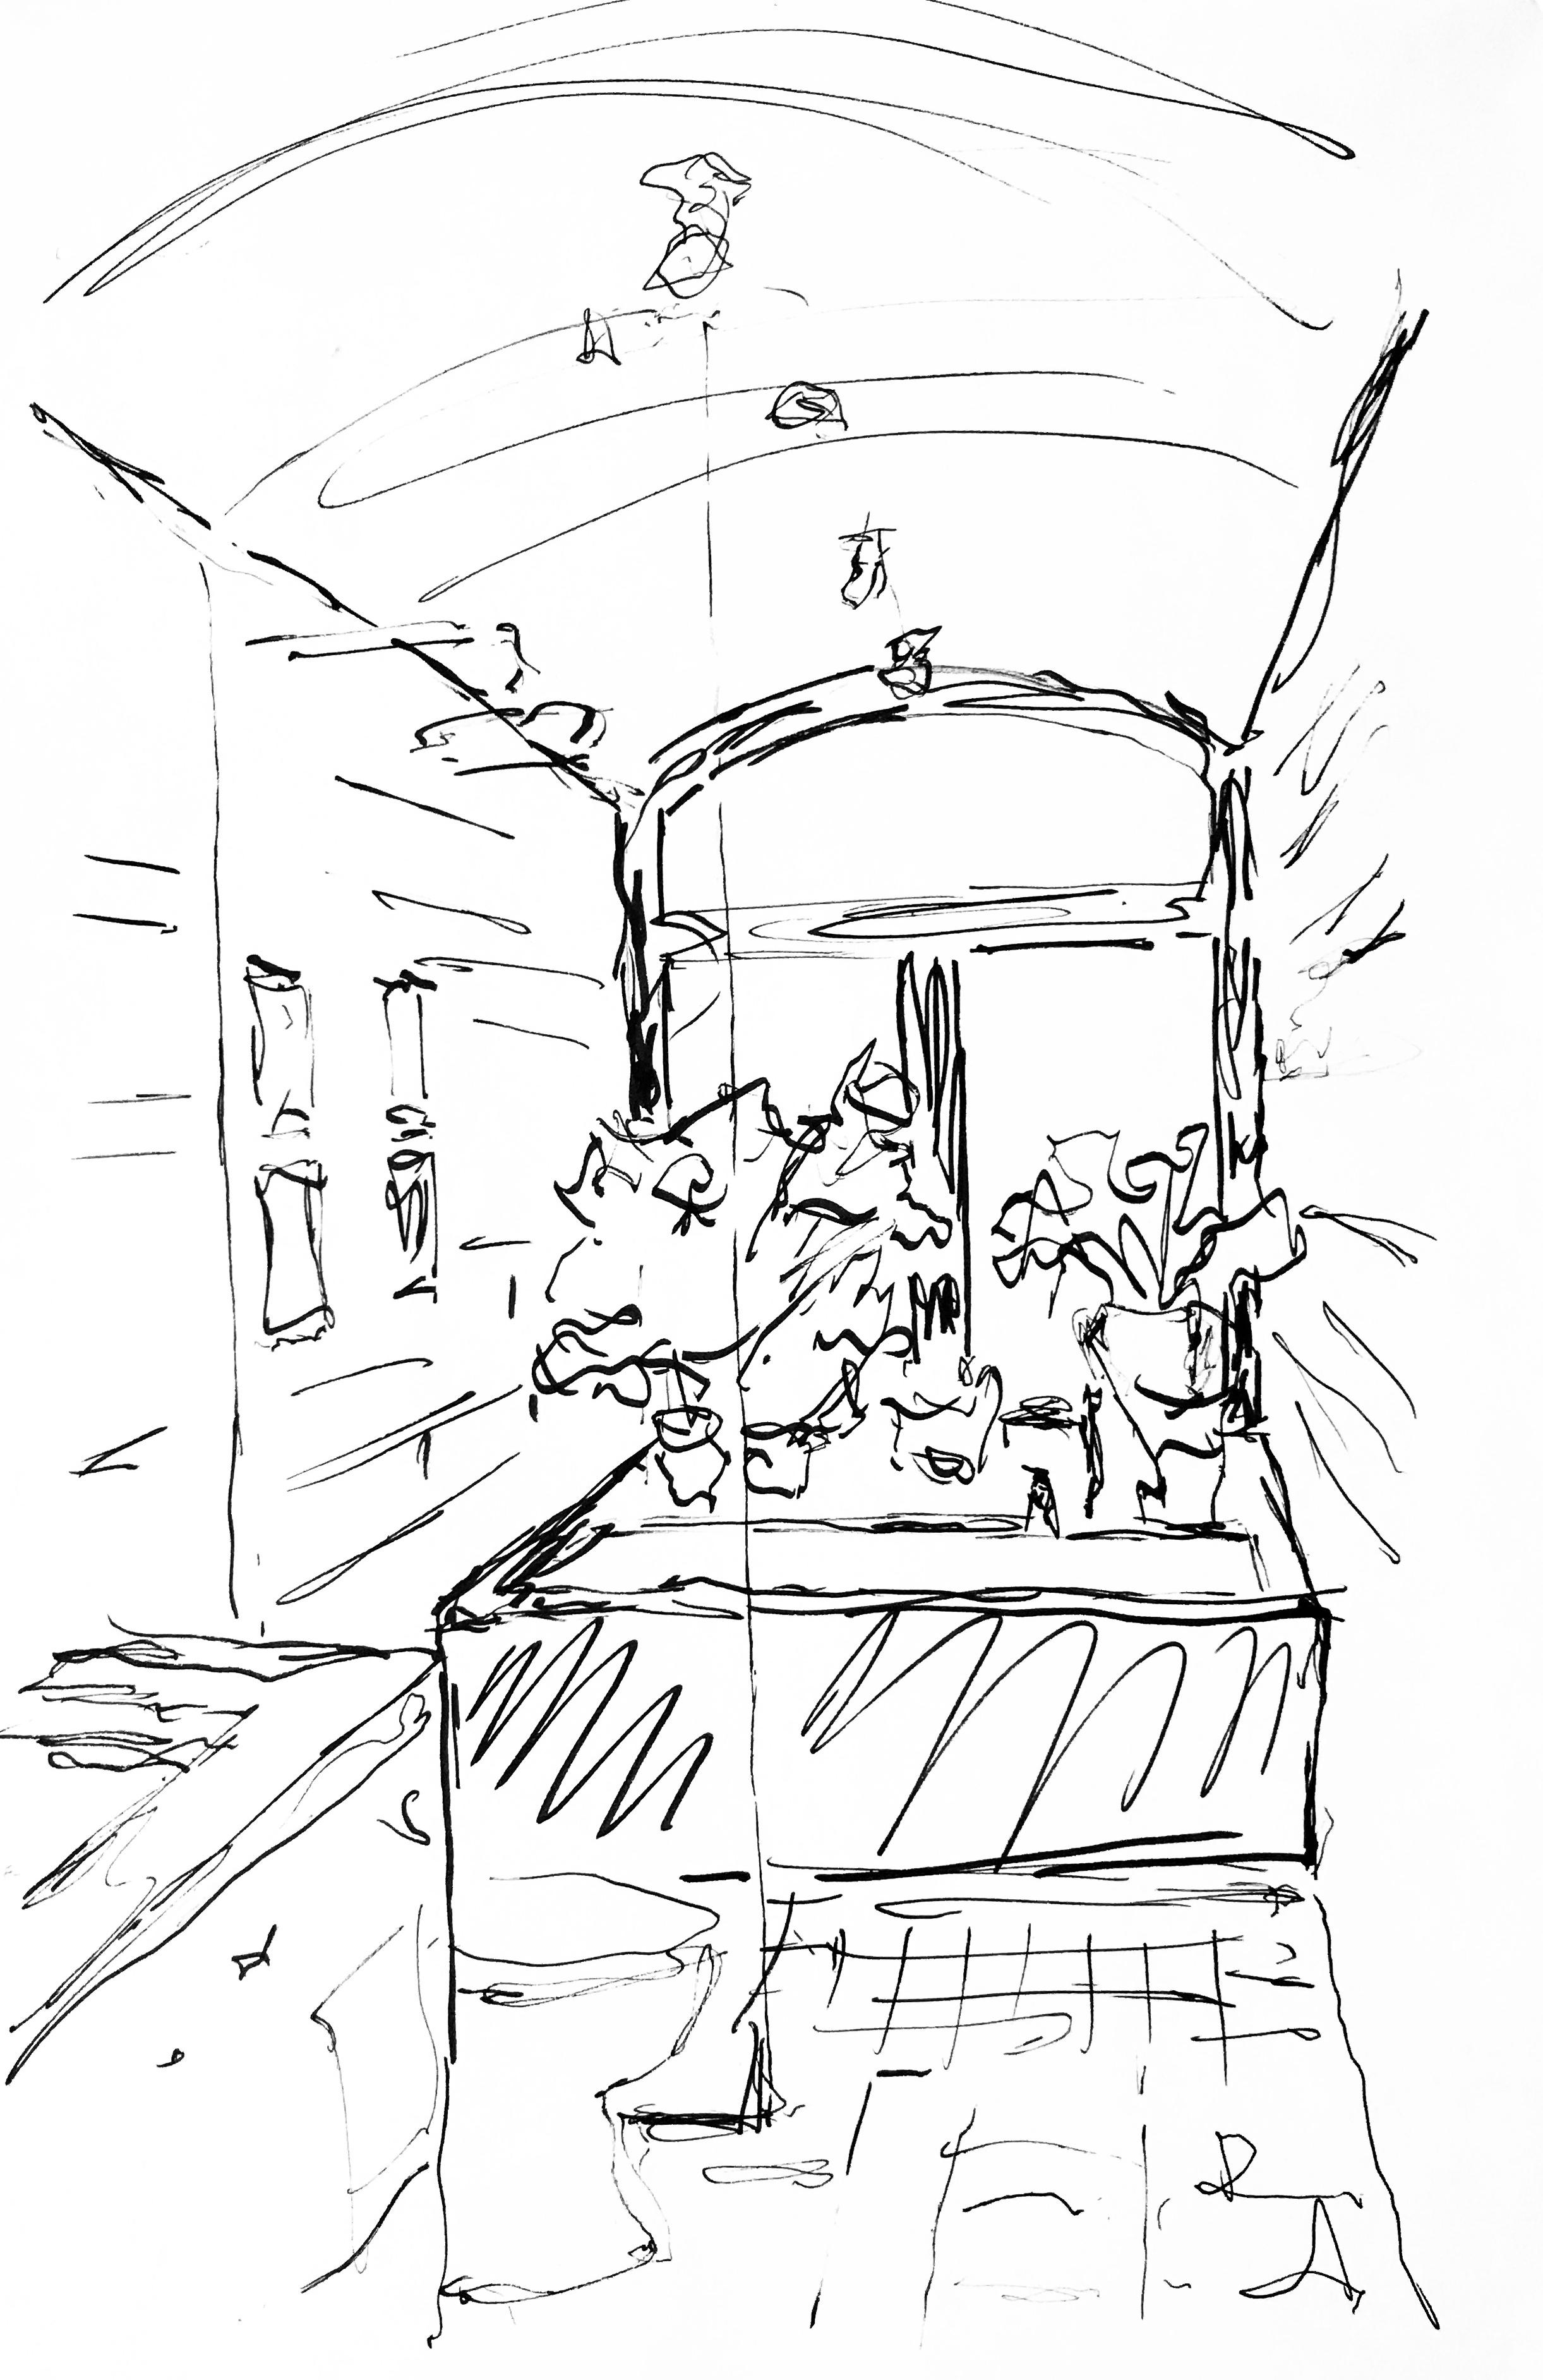 bath sketch1.jpg